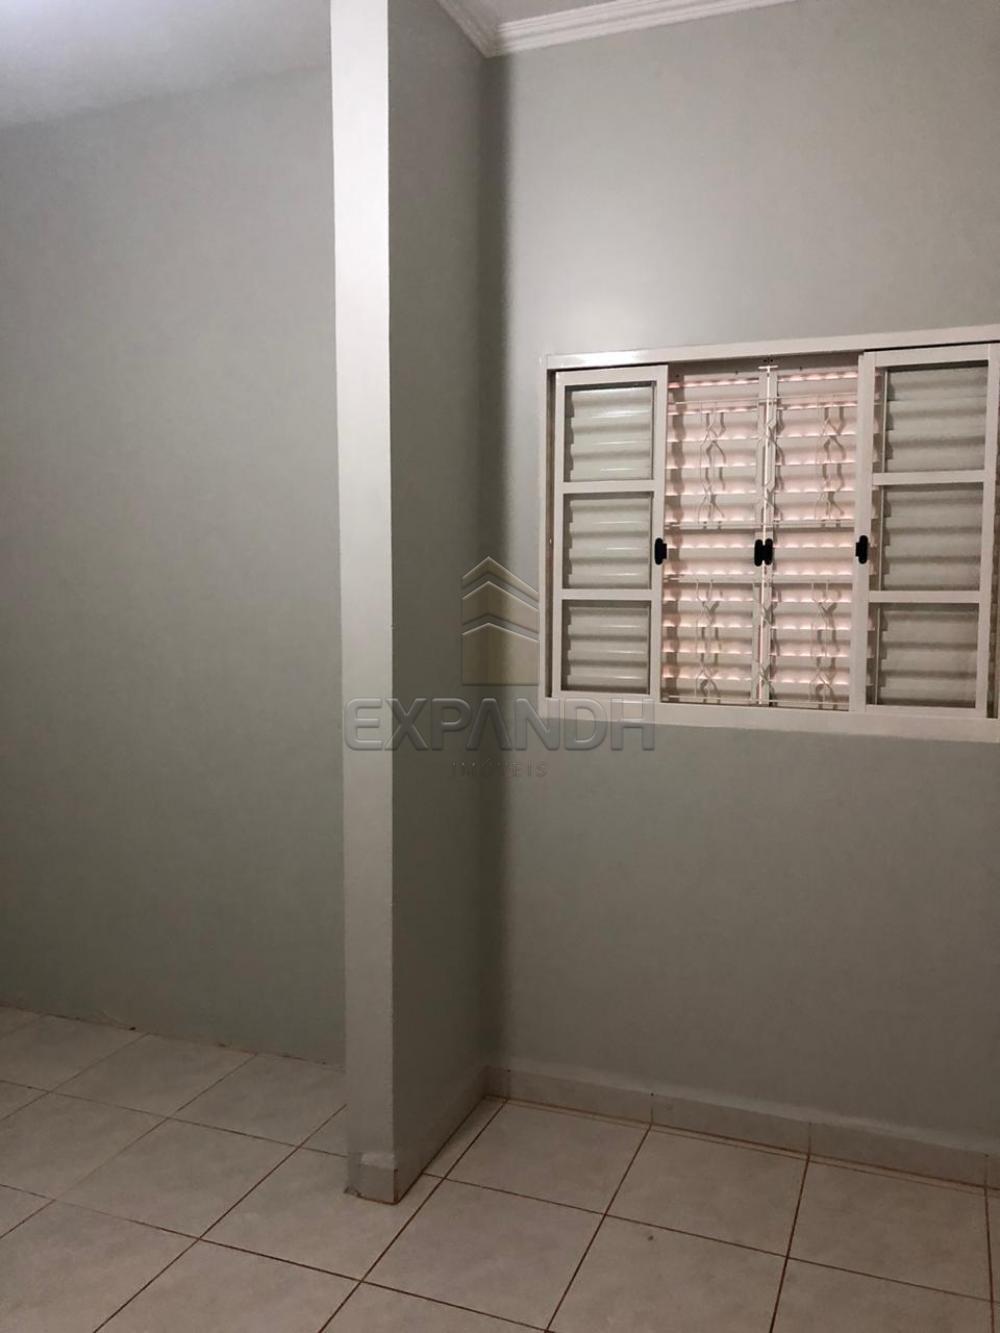 Alugar Casas / Padrão em Sertãozinho R$ 1.250,00 - Foto 18